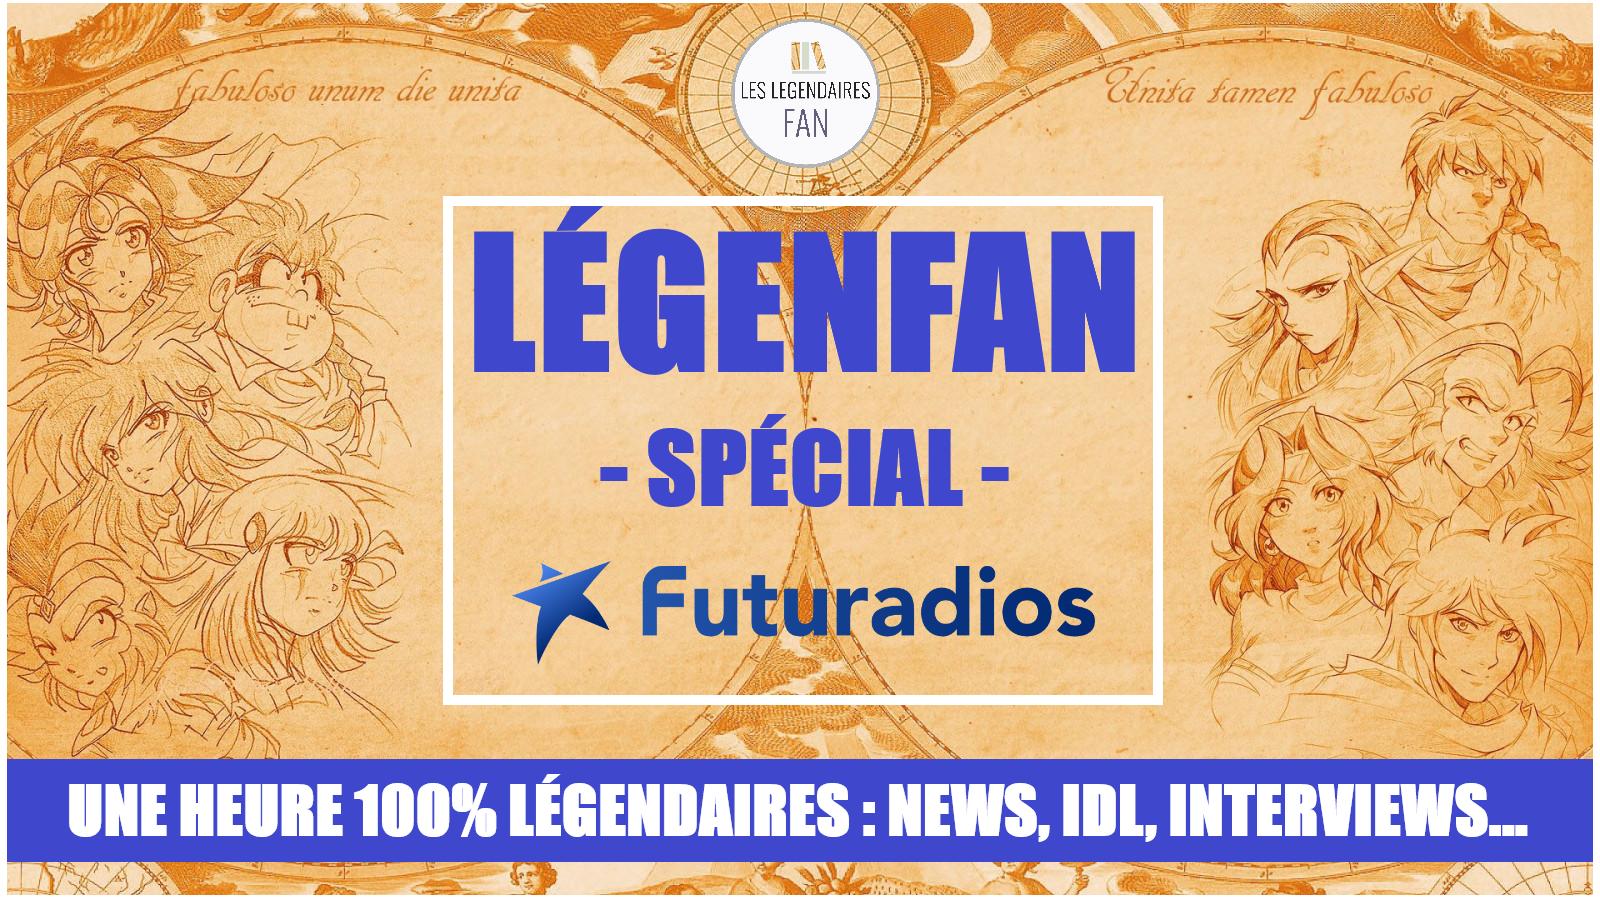 LÉGENFAN #SPÉCIAL : L'heure 100% Légendaires enfin en podcasts !